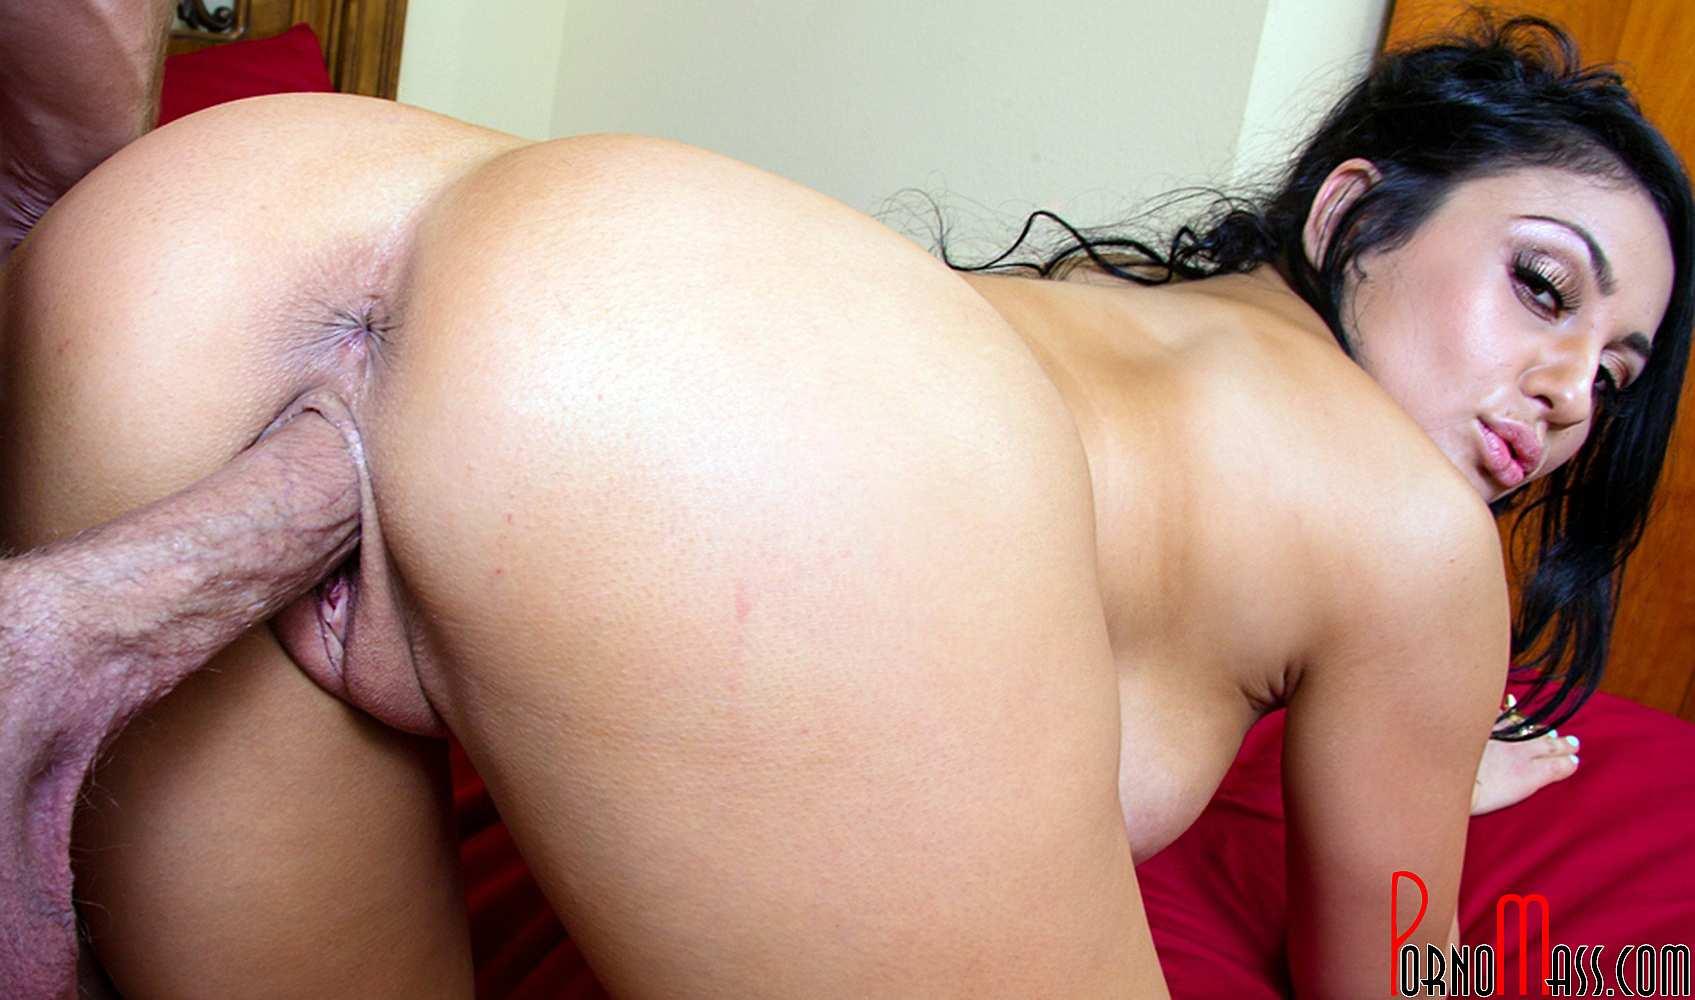 porno chicas toro porn